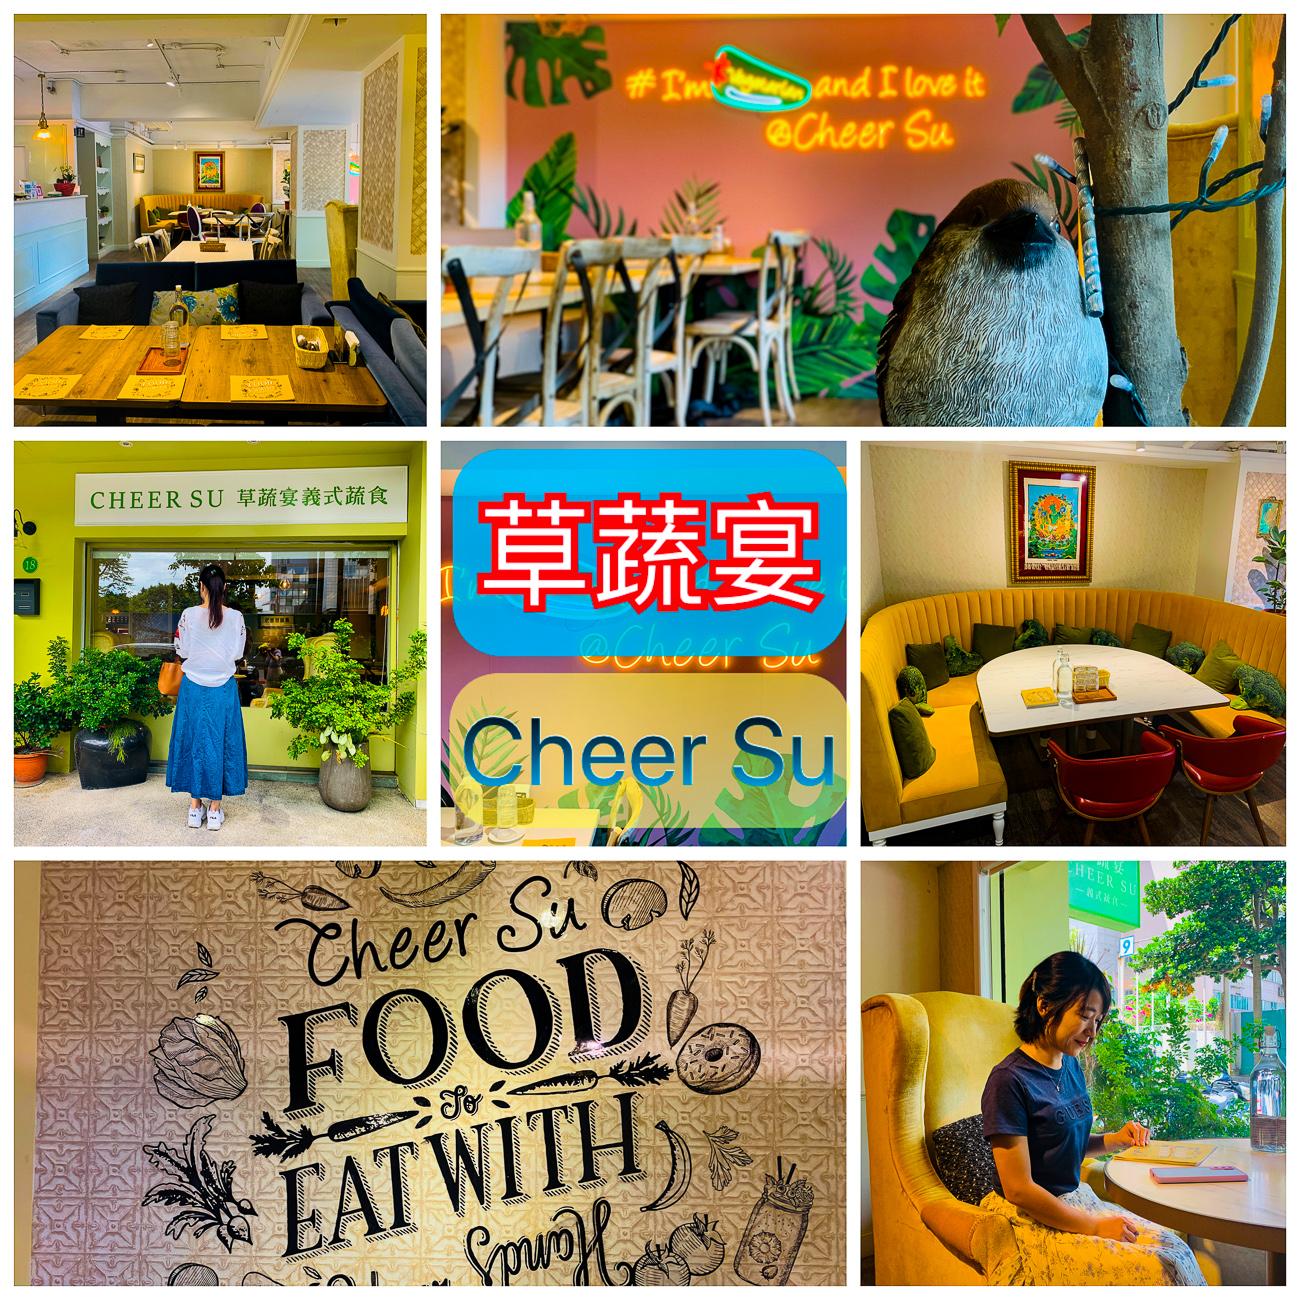 草蔬宴Cheer Su義式蔬食餐廳